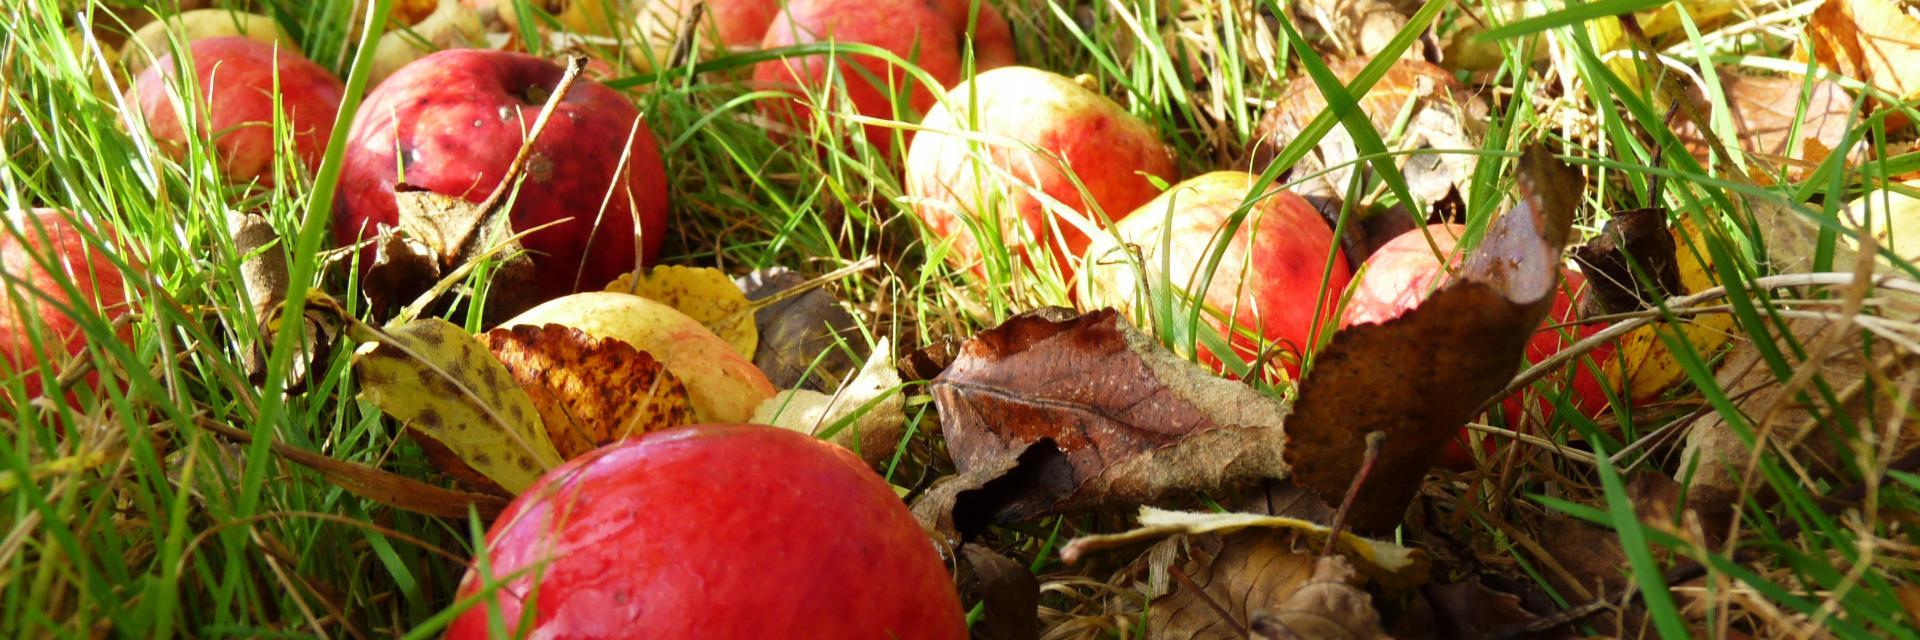 Bagnoles Orne Pom Producteur Cidre Terroir Pomme Jus Savoir Faire